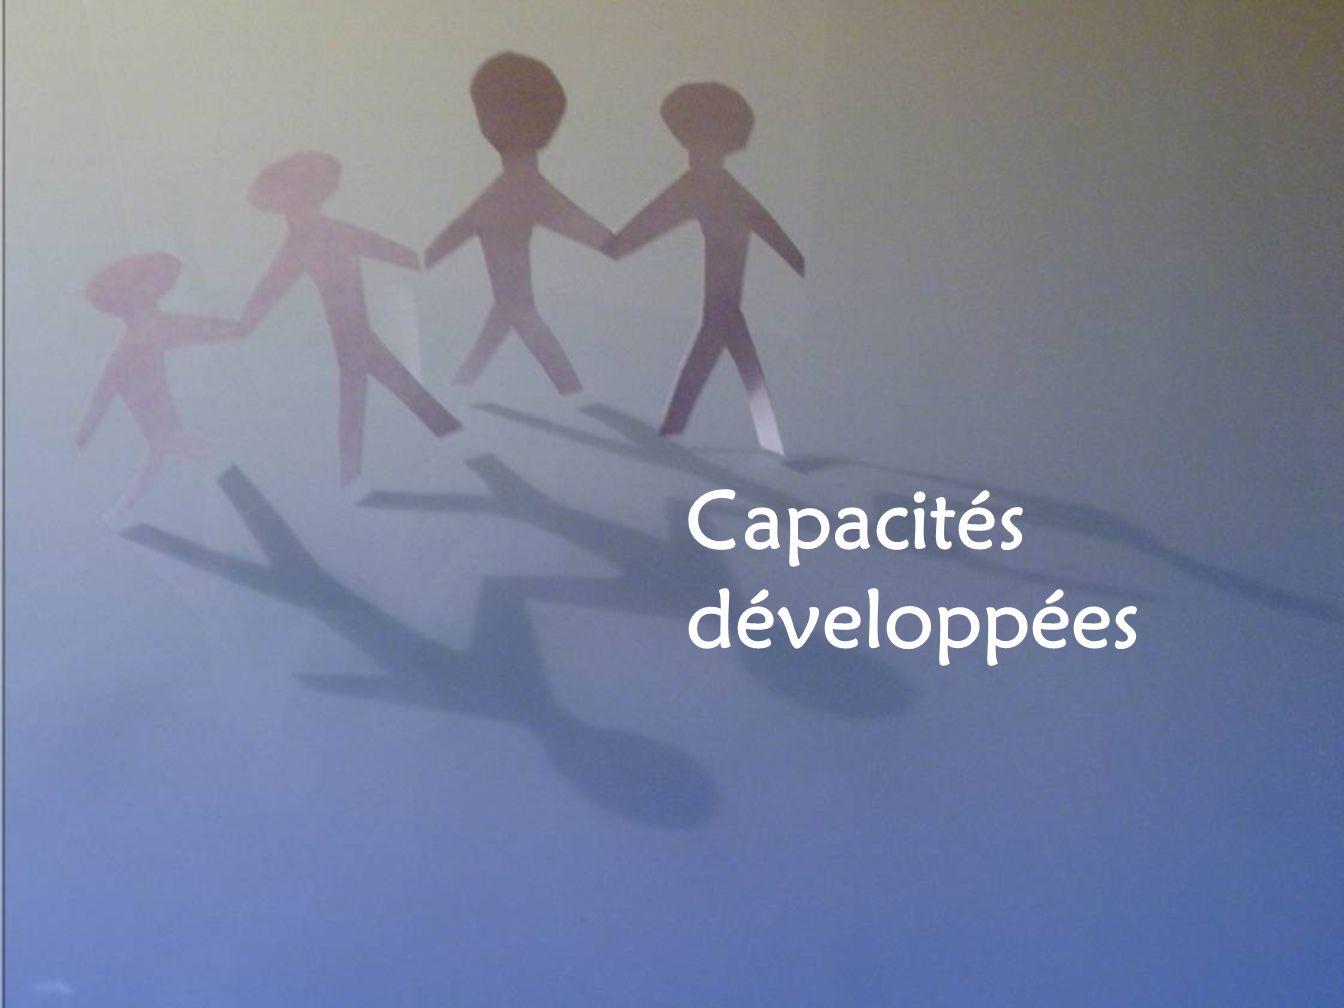 Capacités développées